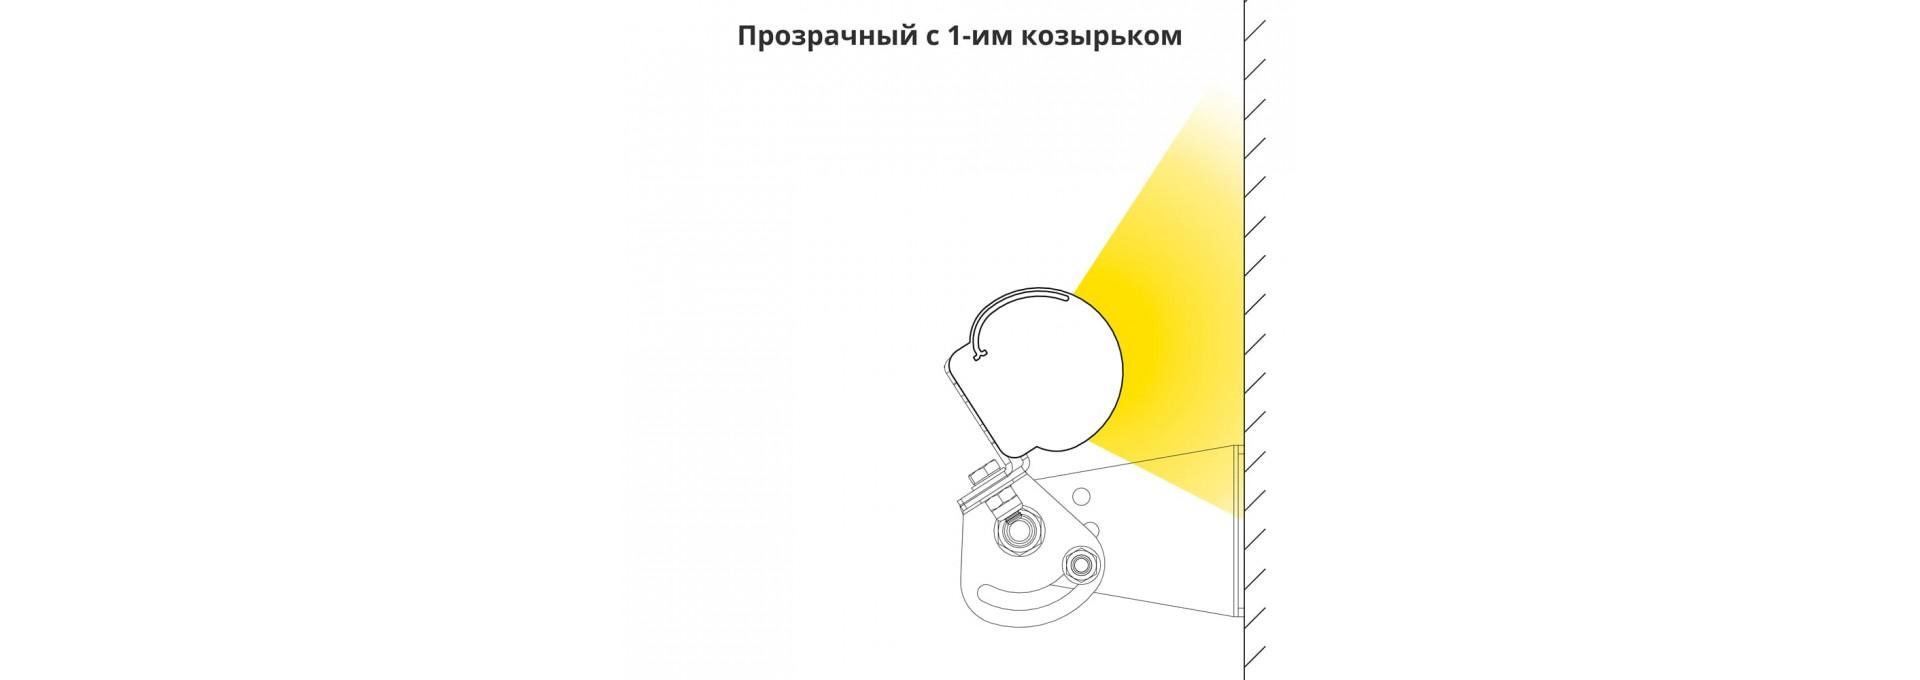 Козырек 1 шт. 1000мм (Модерн)